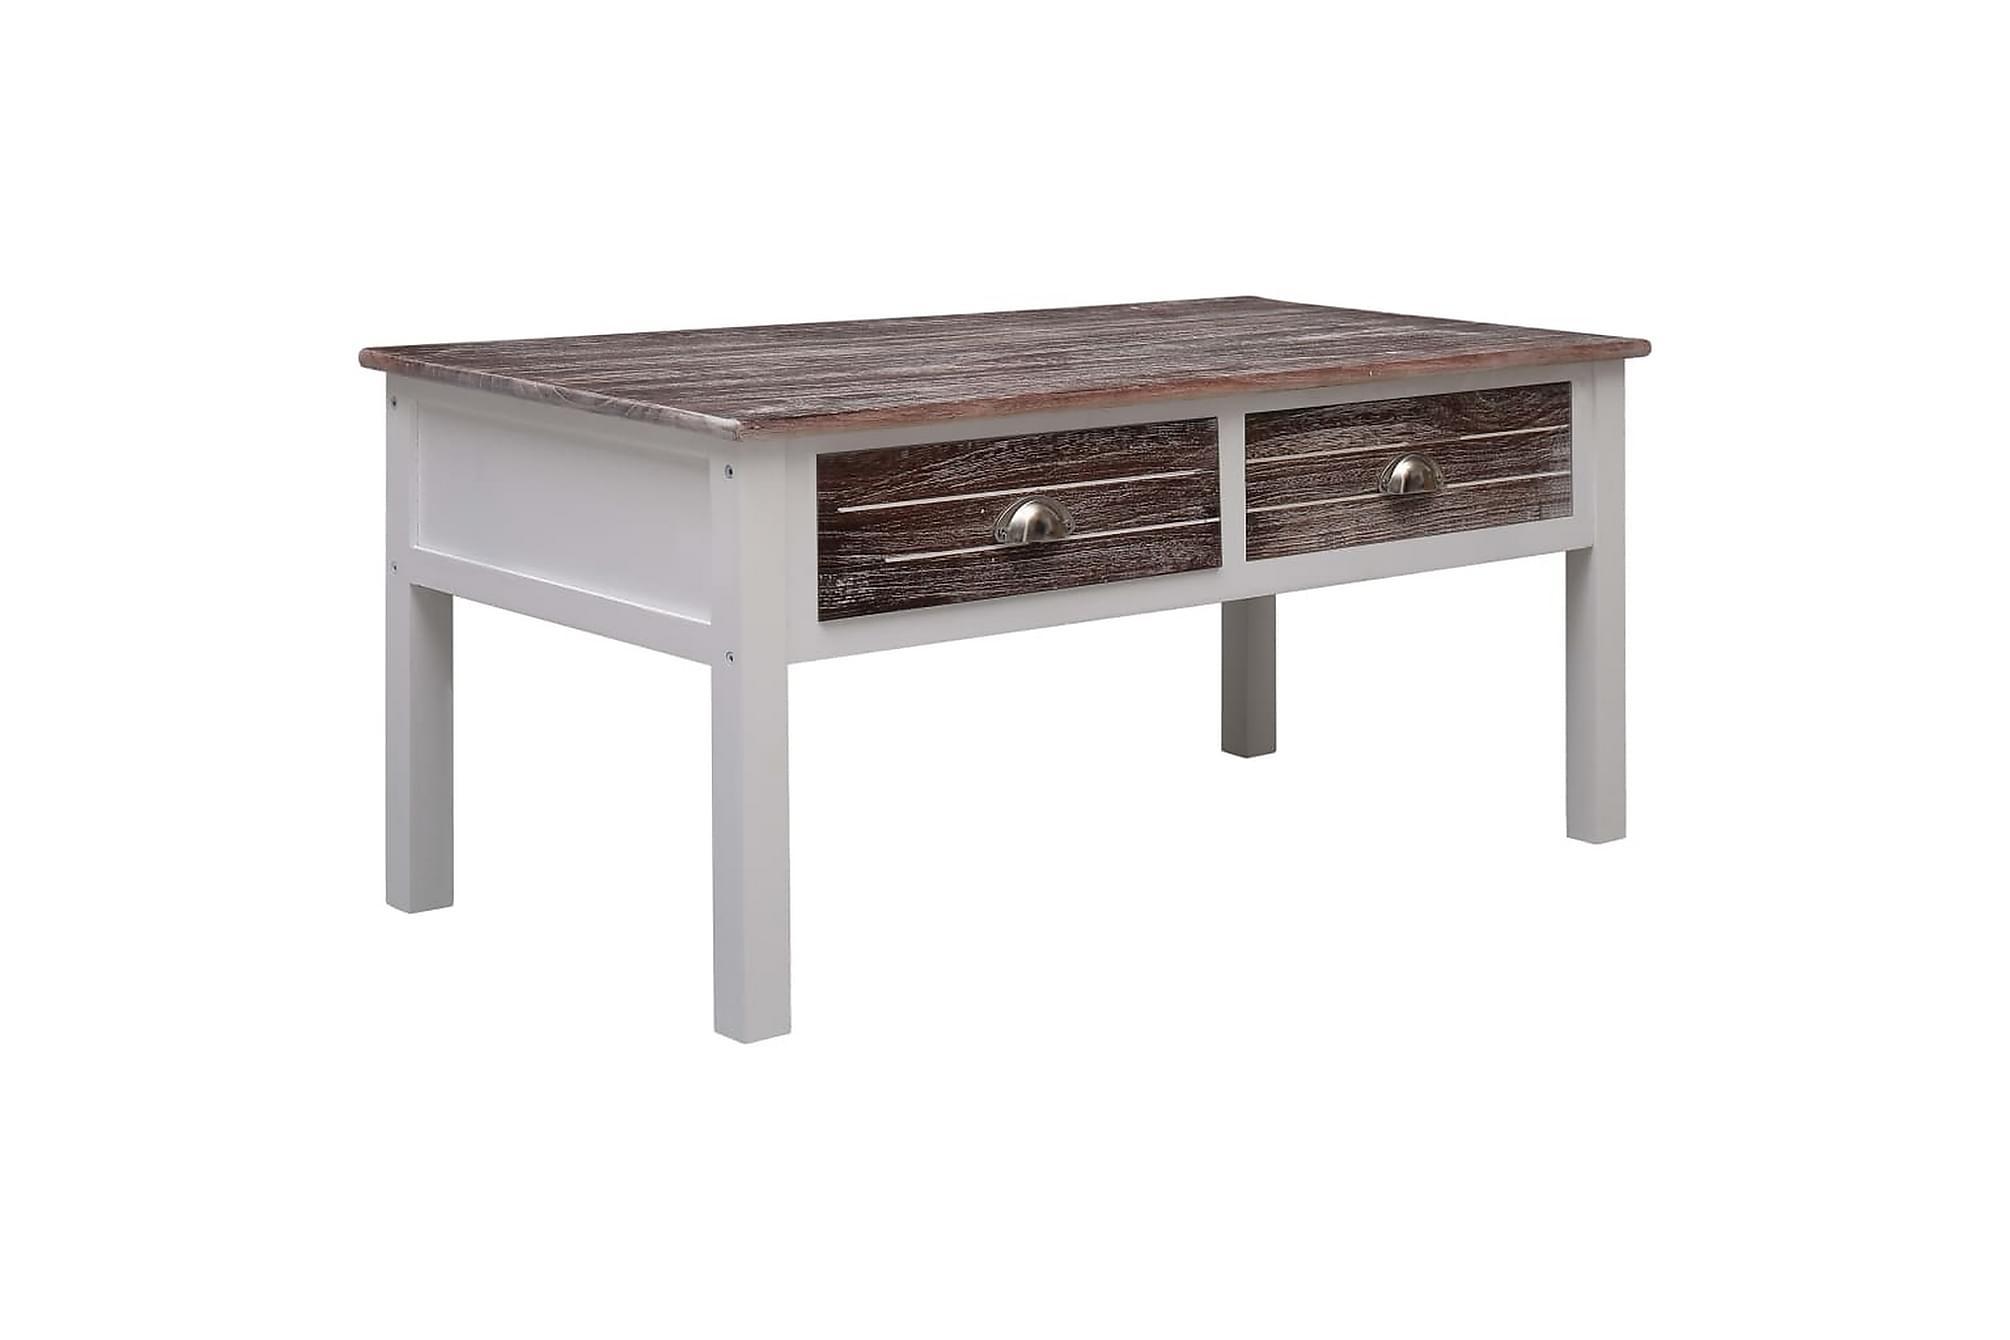 Soffbord brun 100x50x45 cm trä